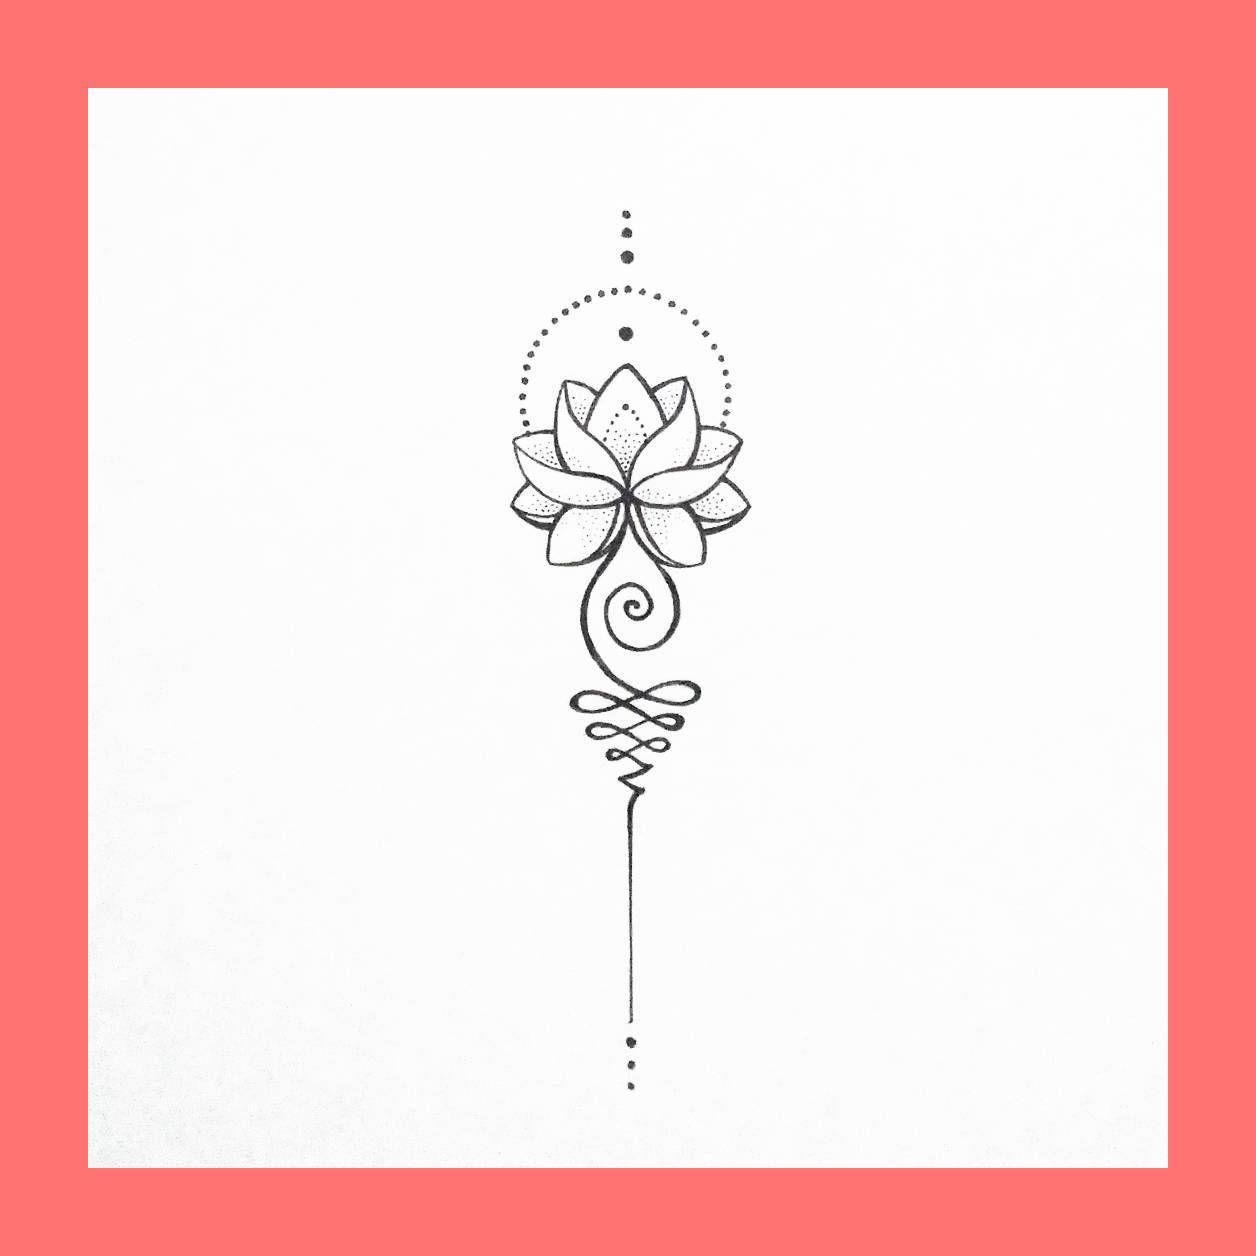 49 Lotus Flower Tattoo Ideas Lotus Tattoo Design Lotus Tattoo Small Lotus Tattoo